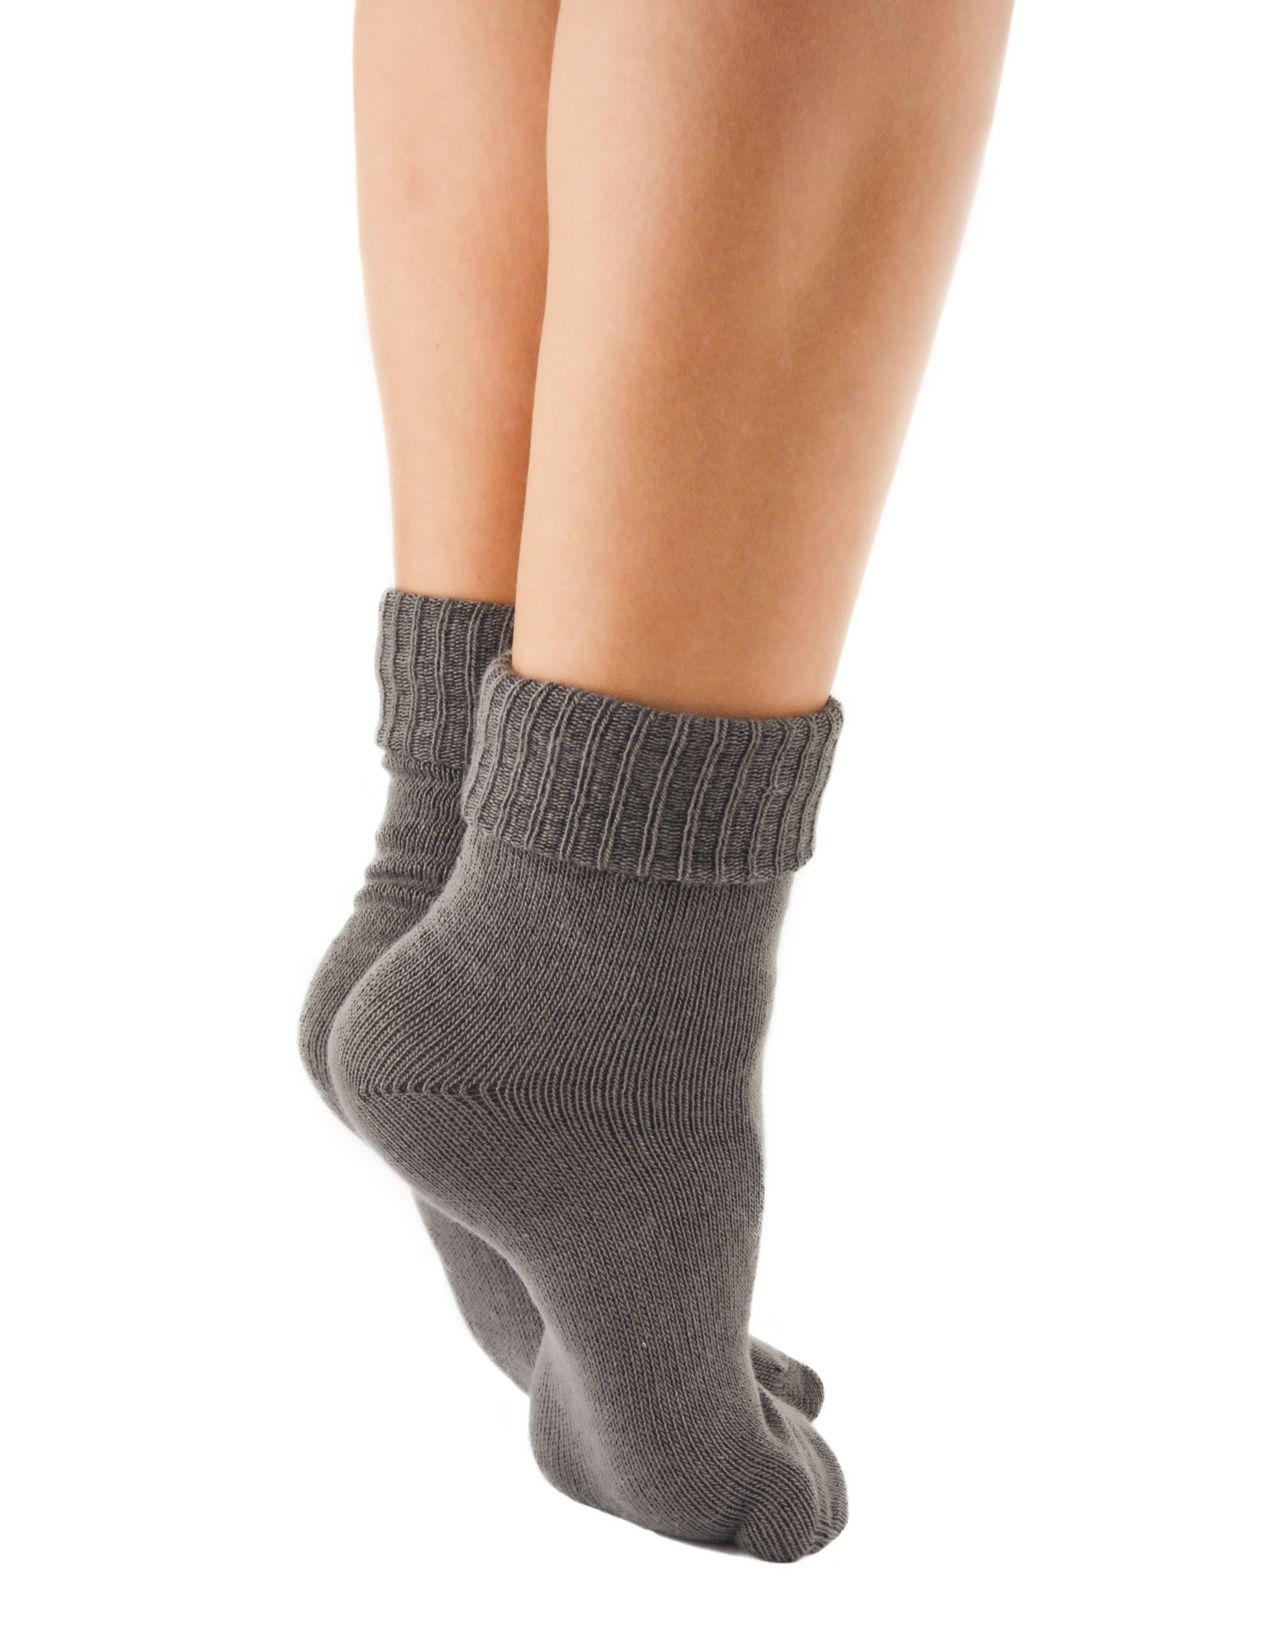 teen in gray socks standing on tiptoes